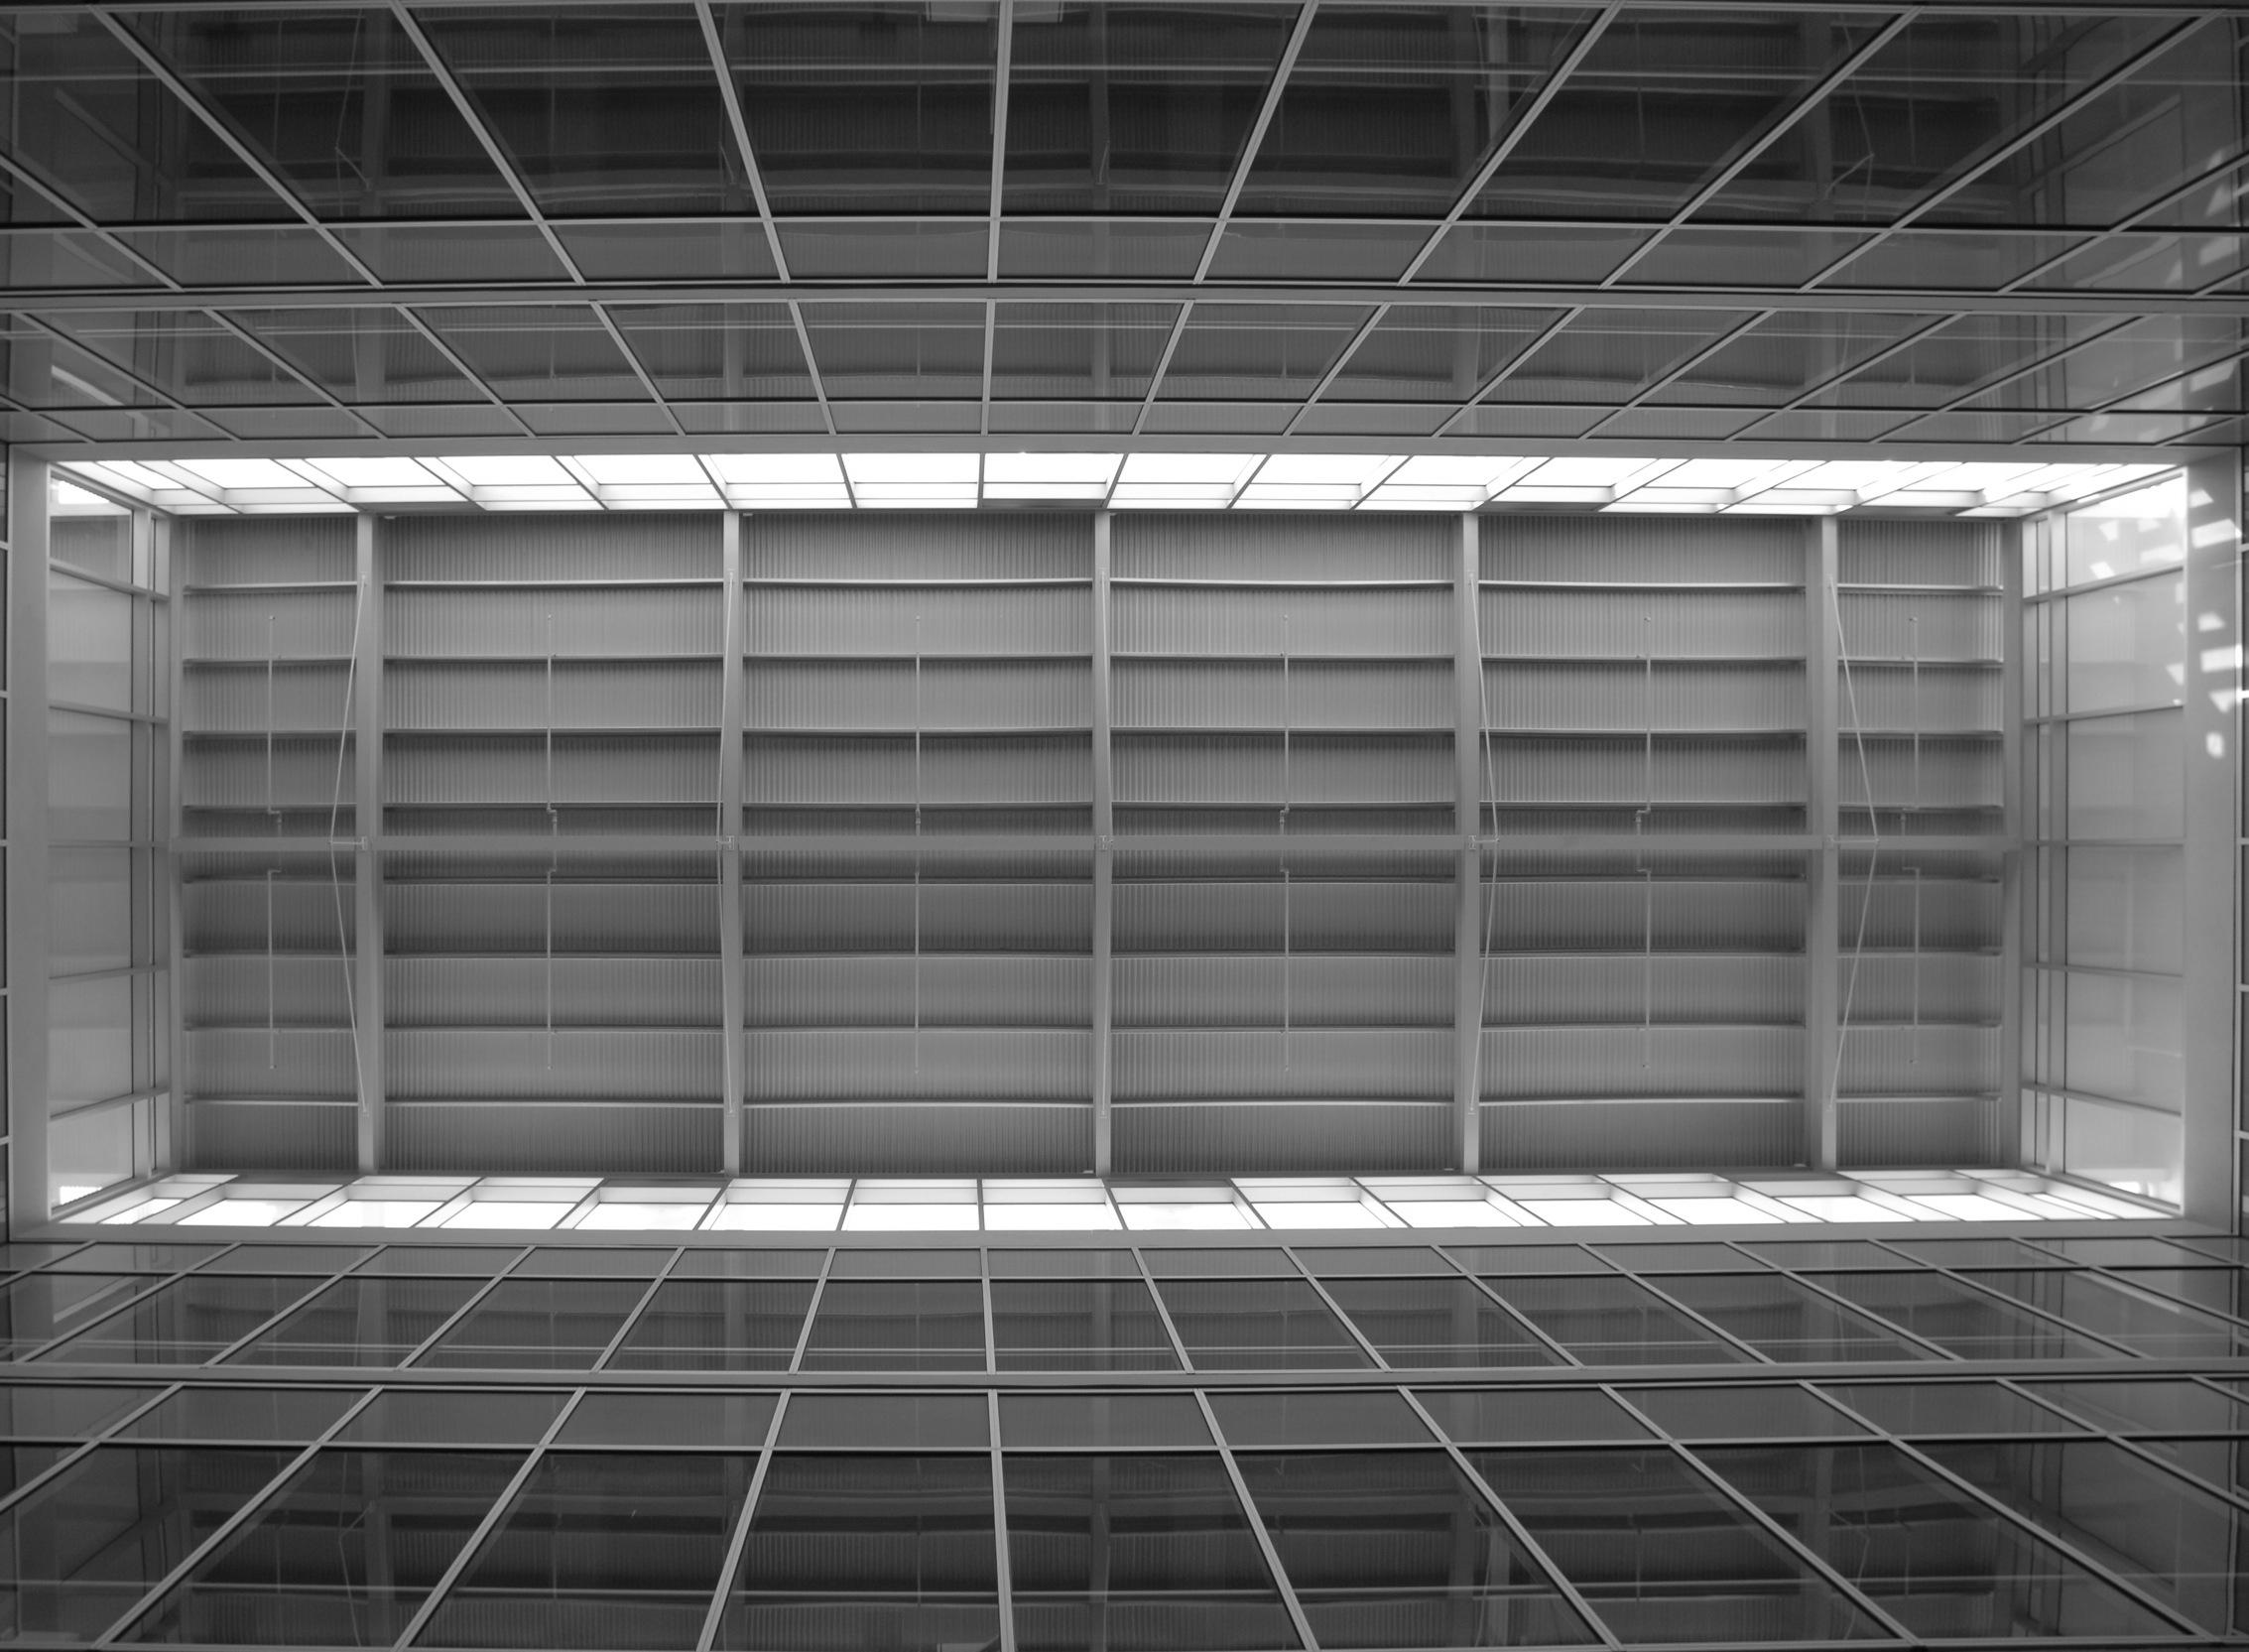 atrium clerestorey